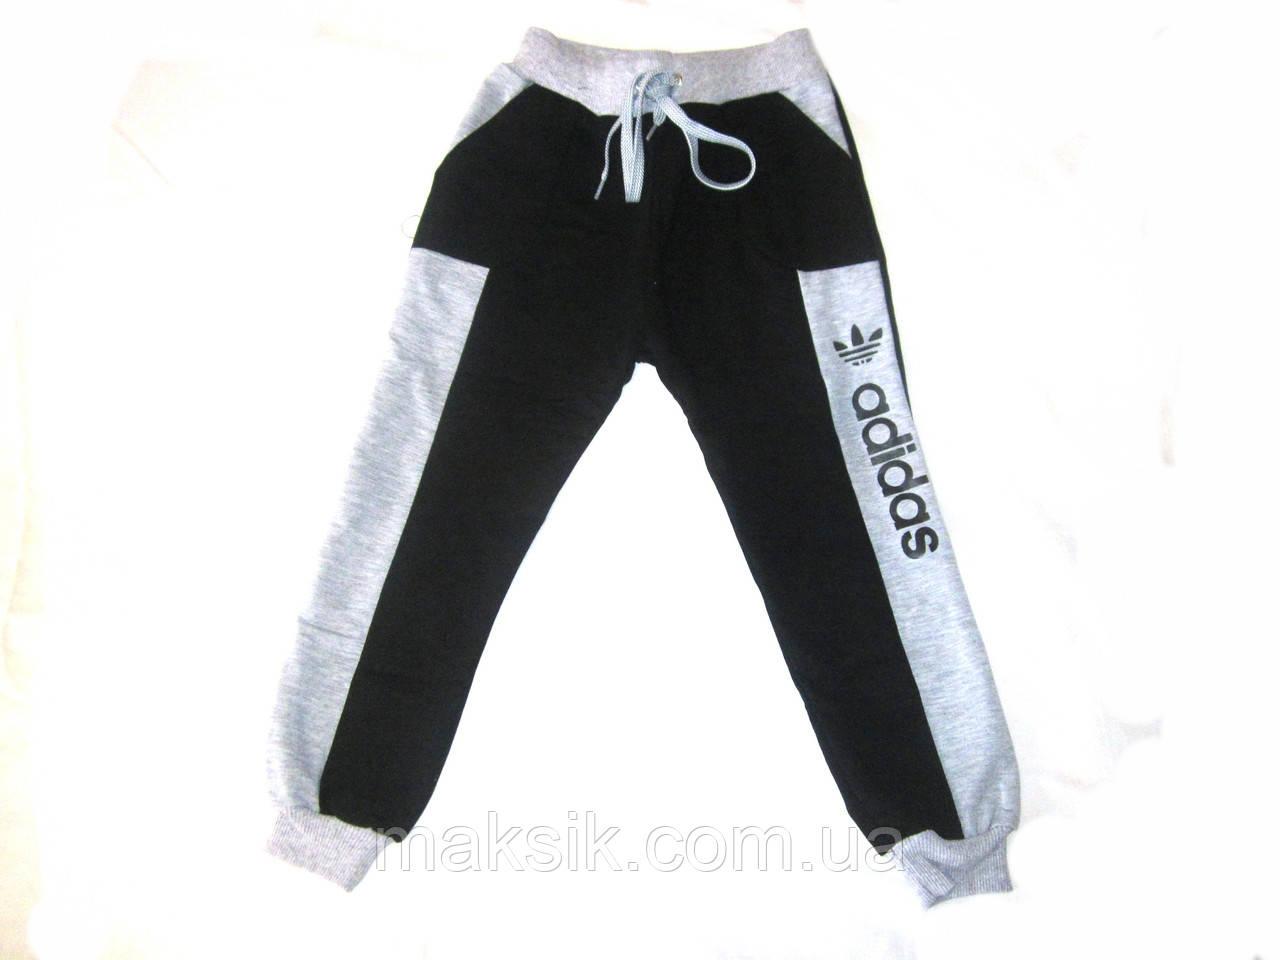 Спортивные штаны для мальчика с карманами. Мастер-класс